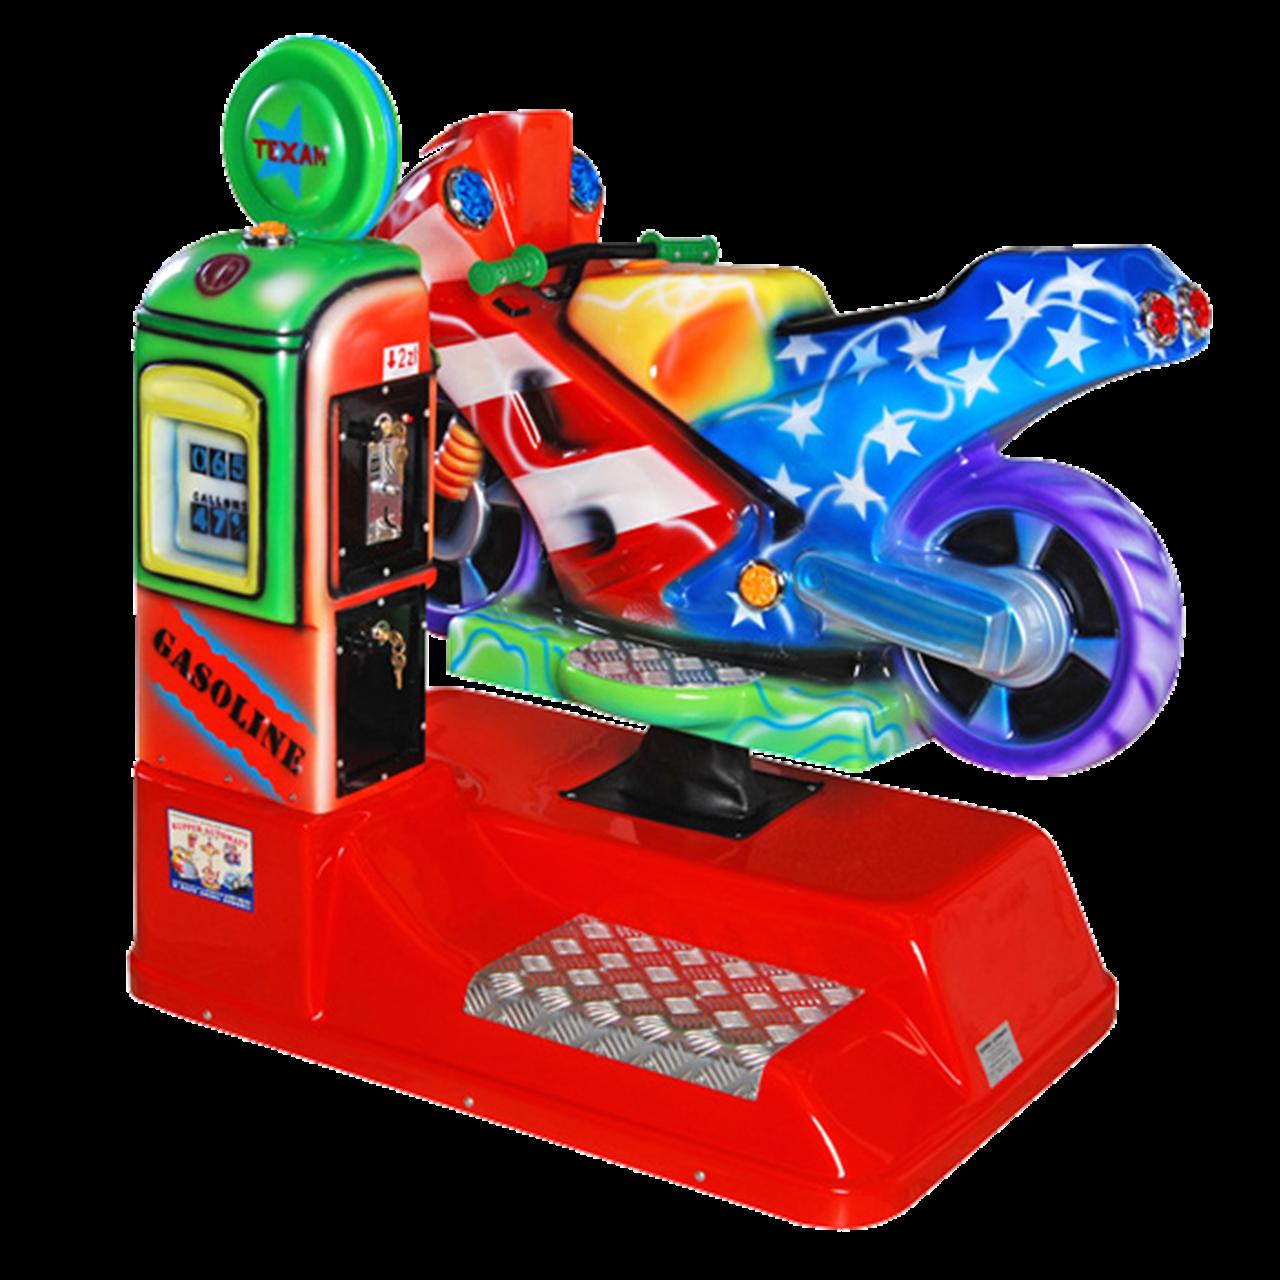 kiddie rides_arcade machines africa